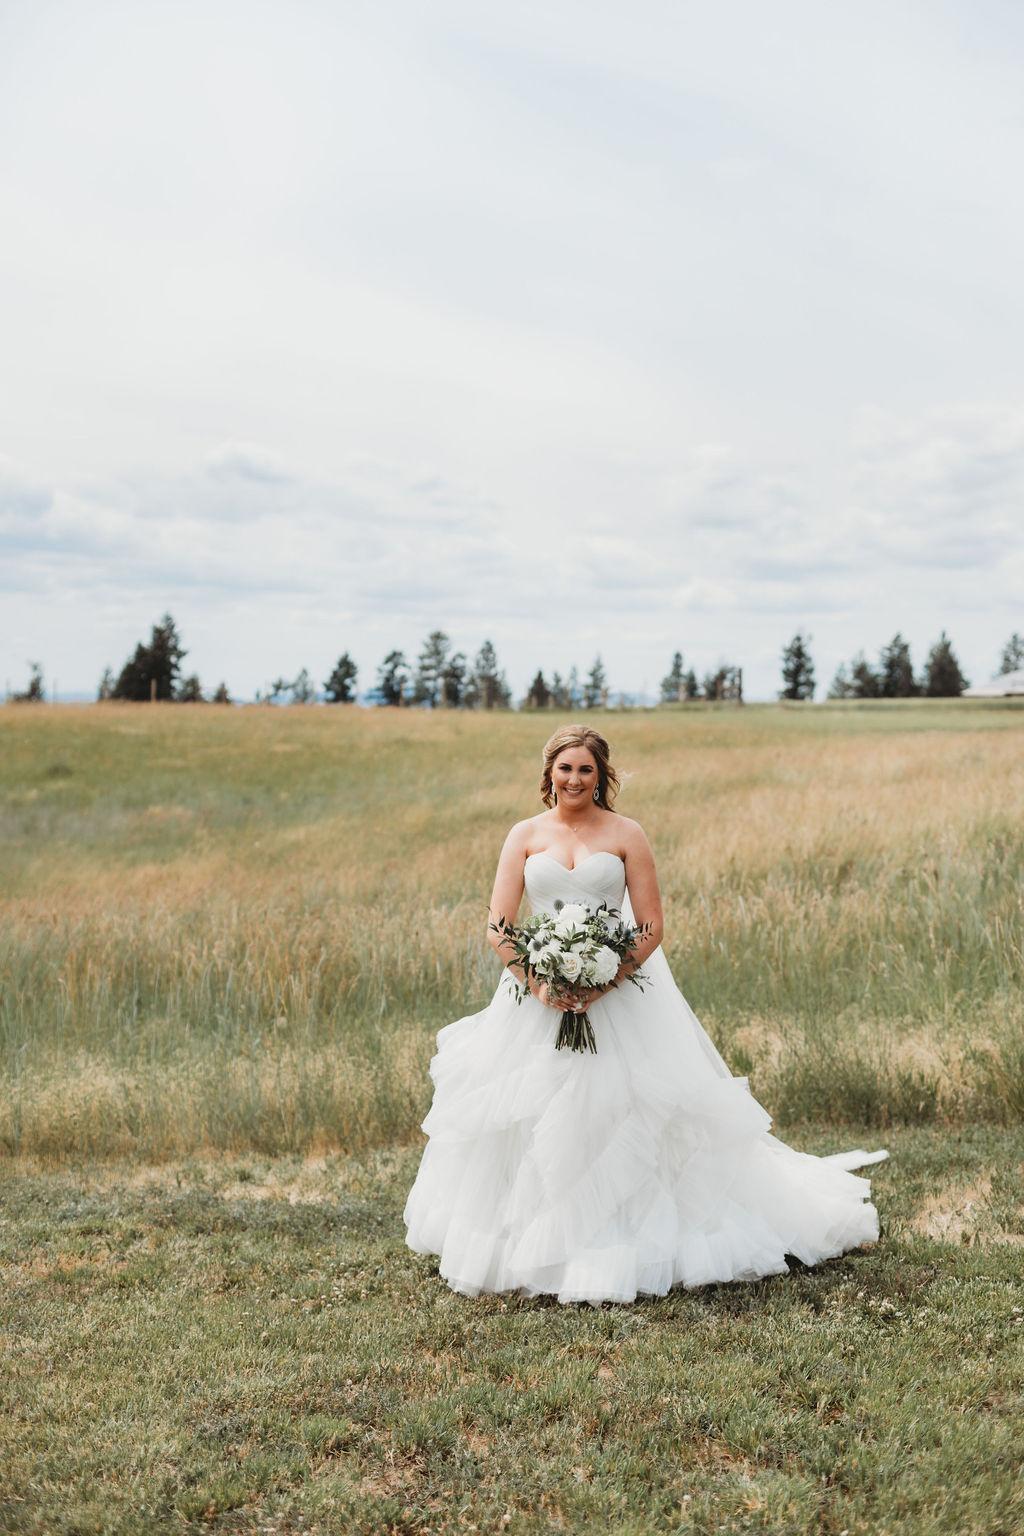 spokane bride field wedding